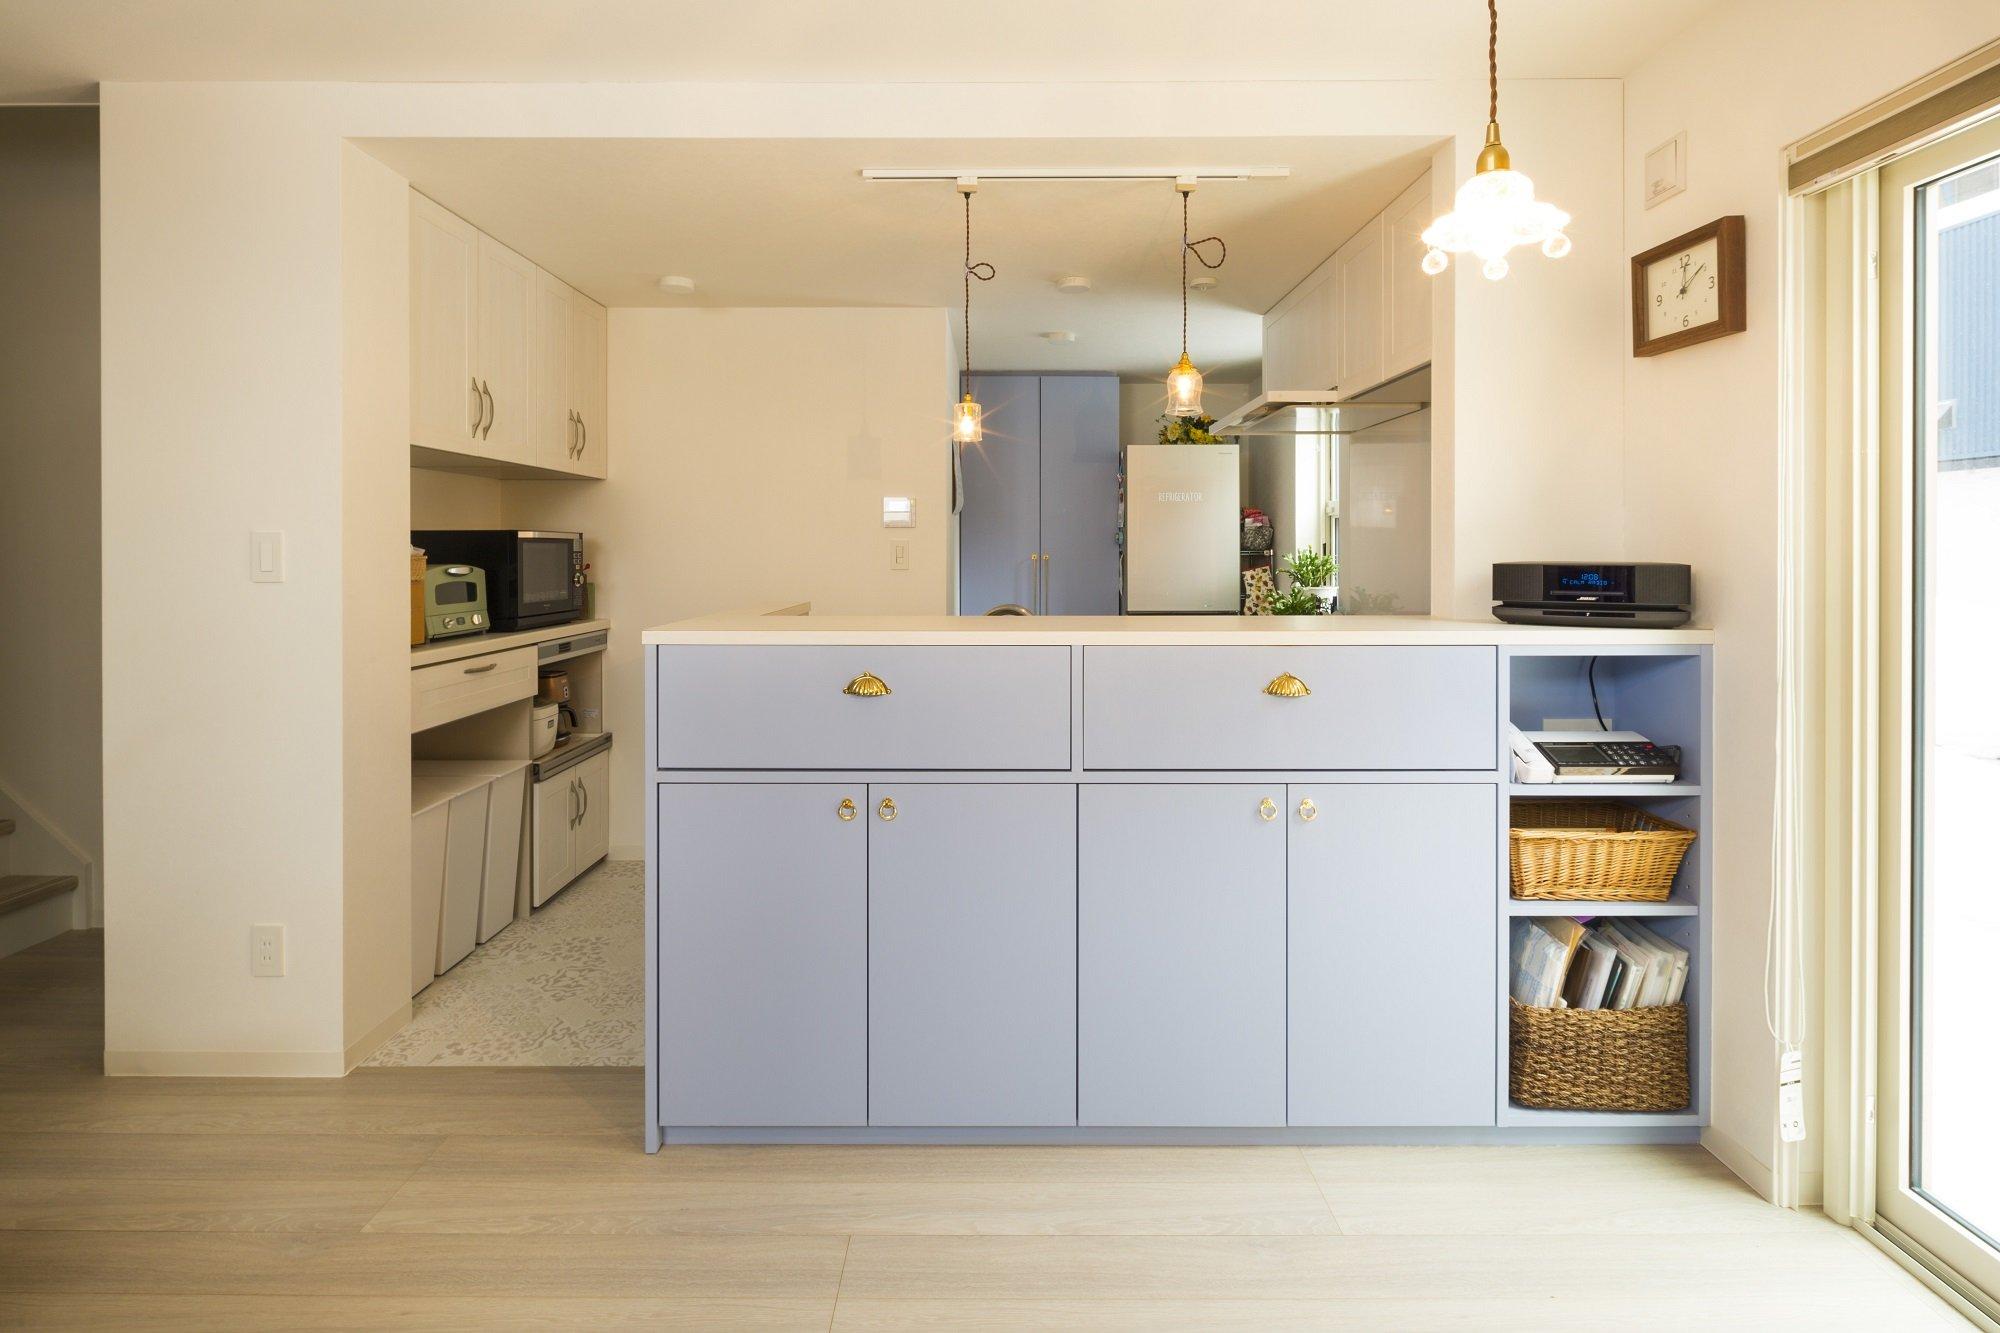 ウェッジウッドカラーが印象的なキッチン!